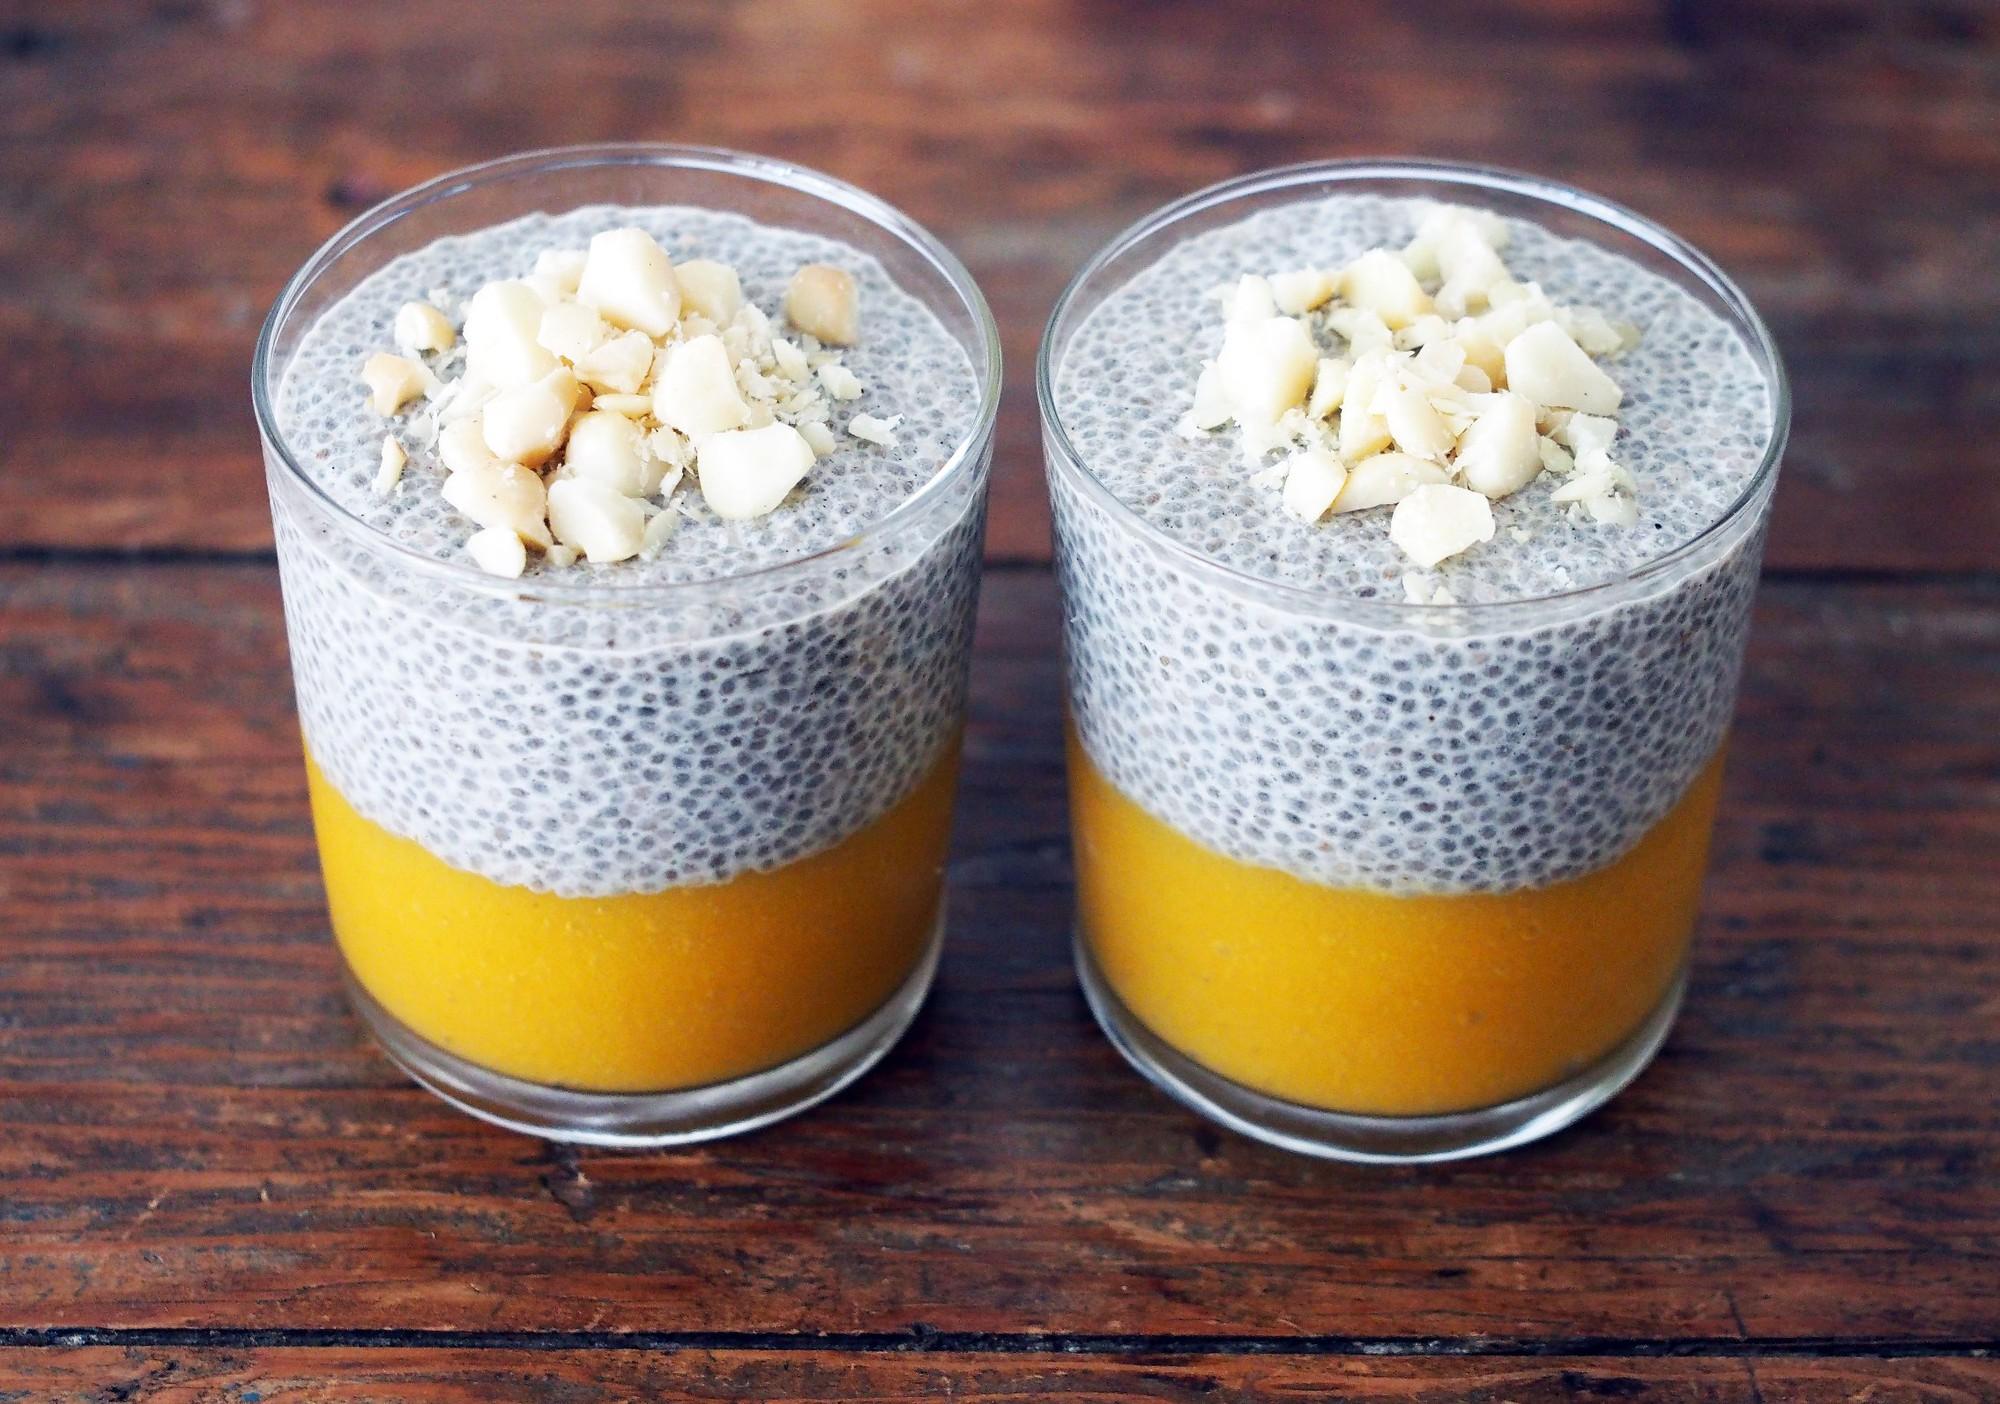 Muốn giảm cân nhanh và an toàn cho sức khỏe, hãy thường xuyên bổ sung những thực phẩm này - Ảnh 3.